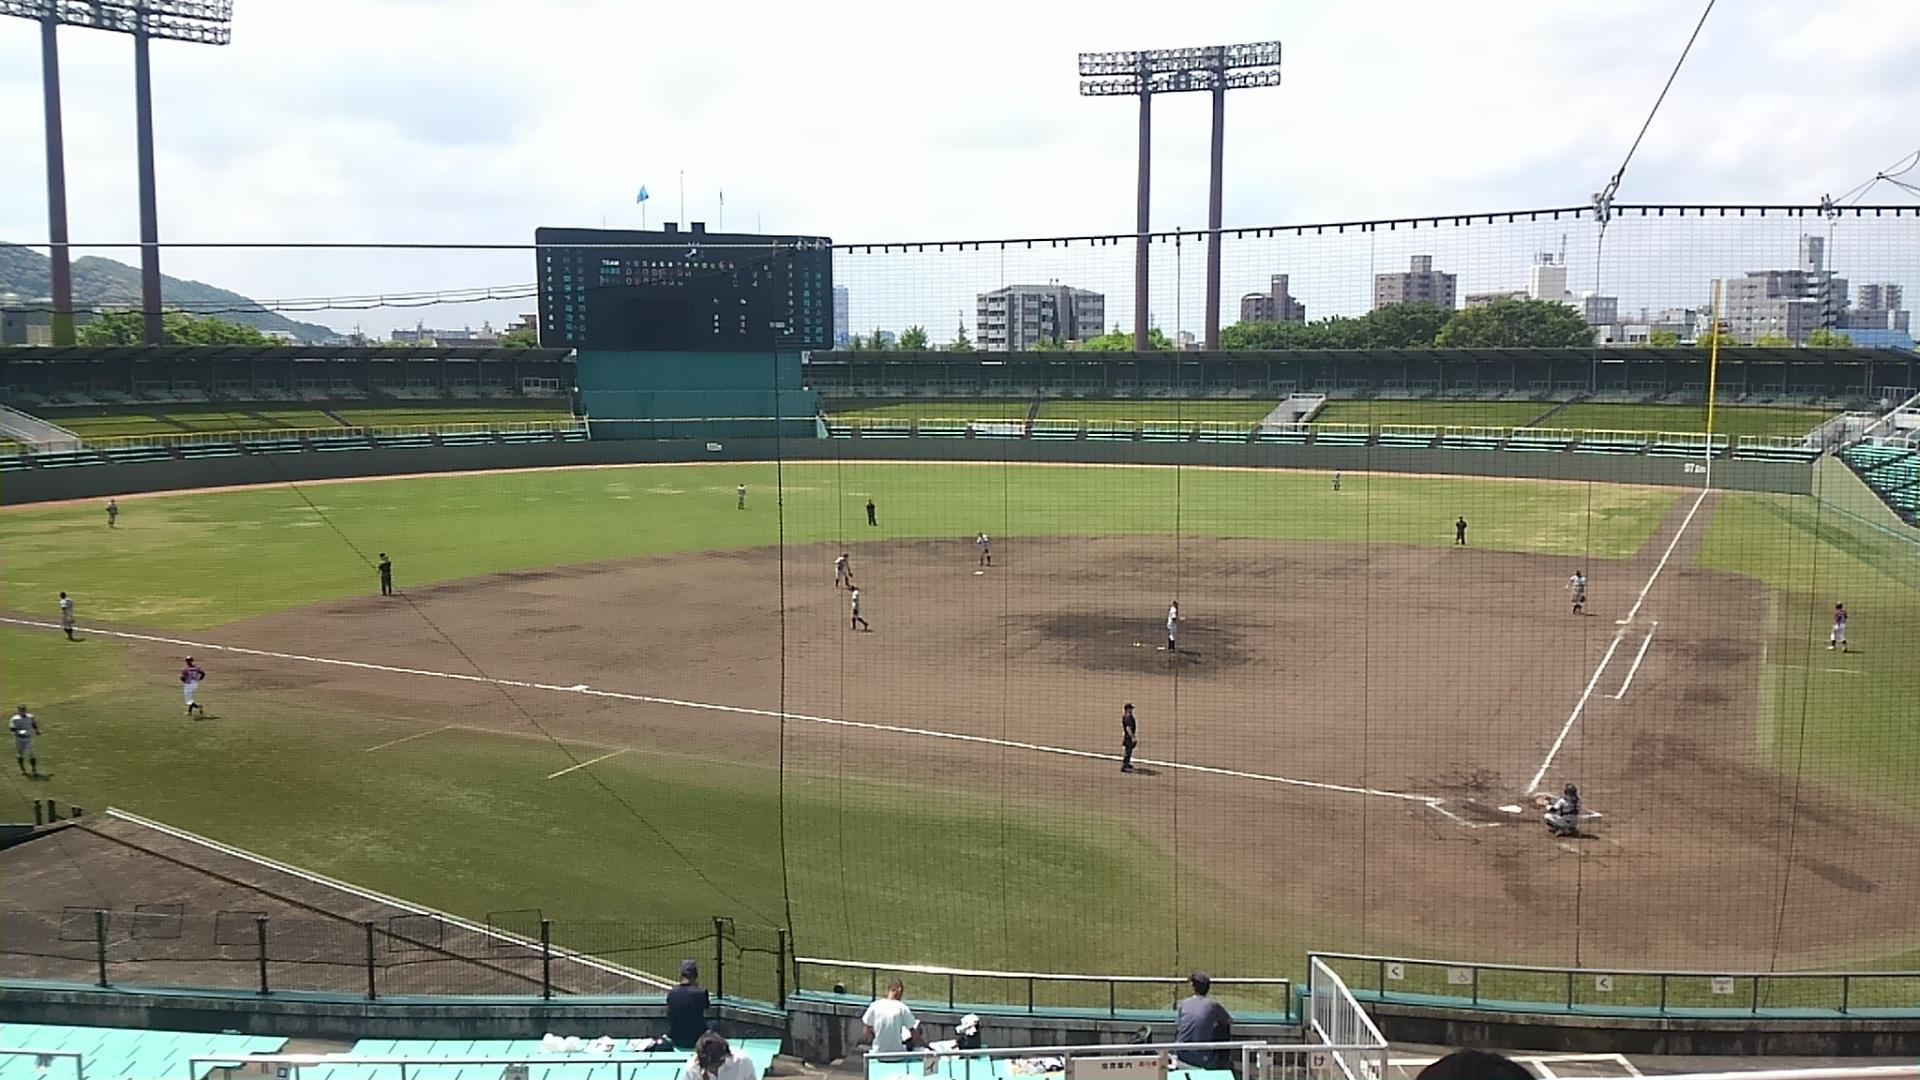 岐阜メモリアルセンターに社会人野球を観に行った噺